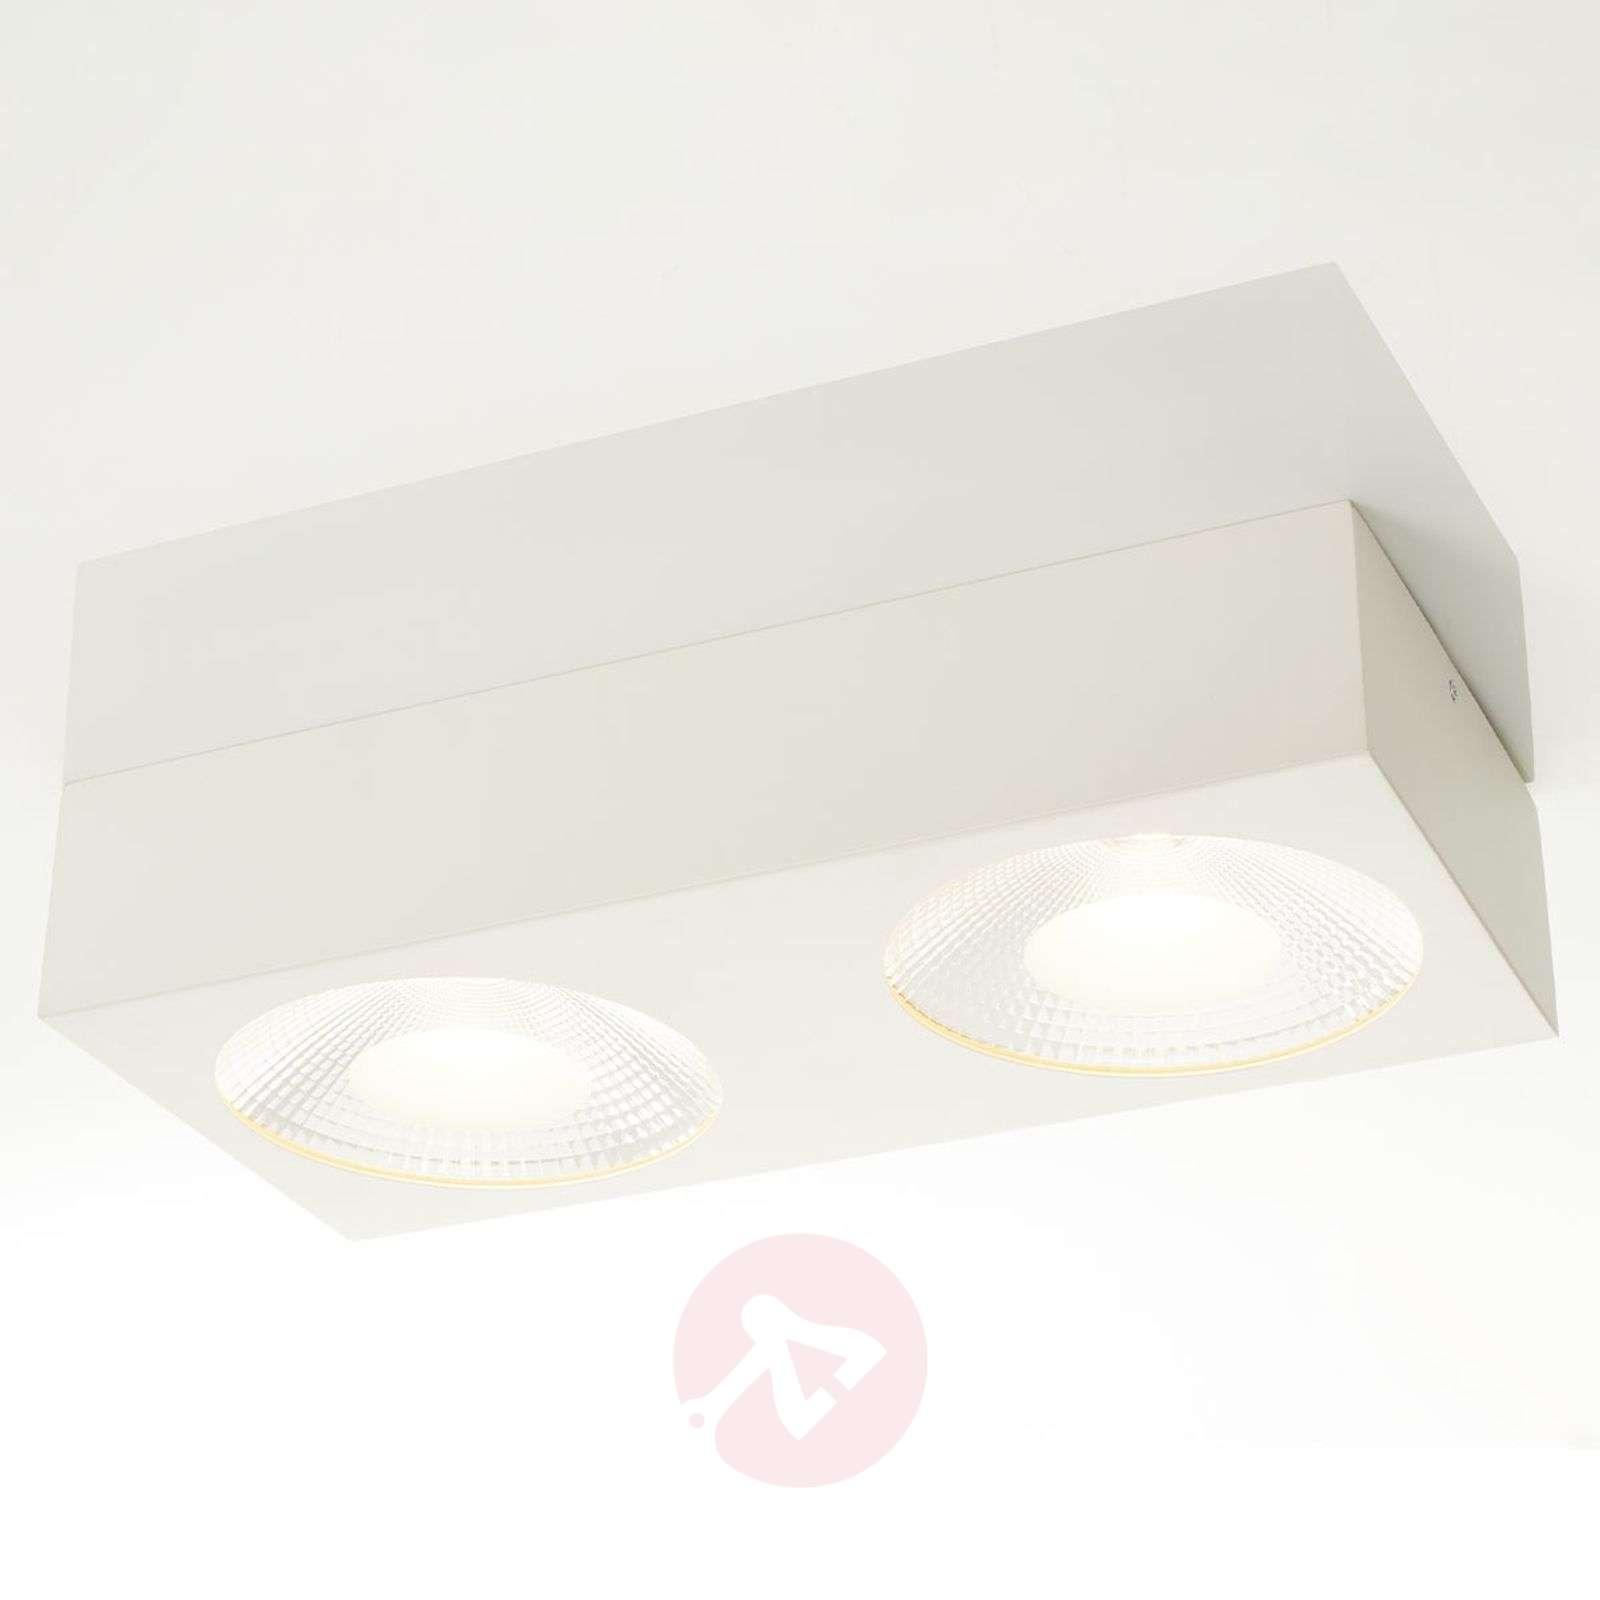 Sonja two-bulb LED ceiling light, Easydim-1558147-09